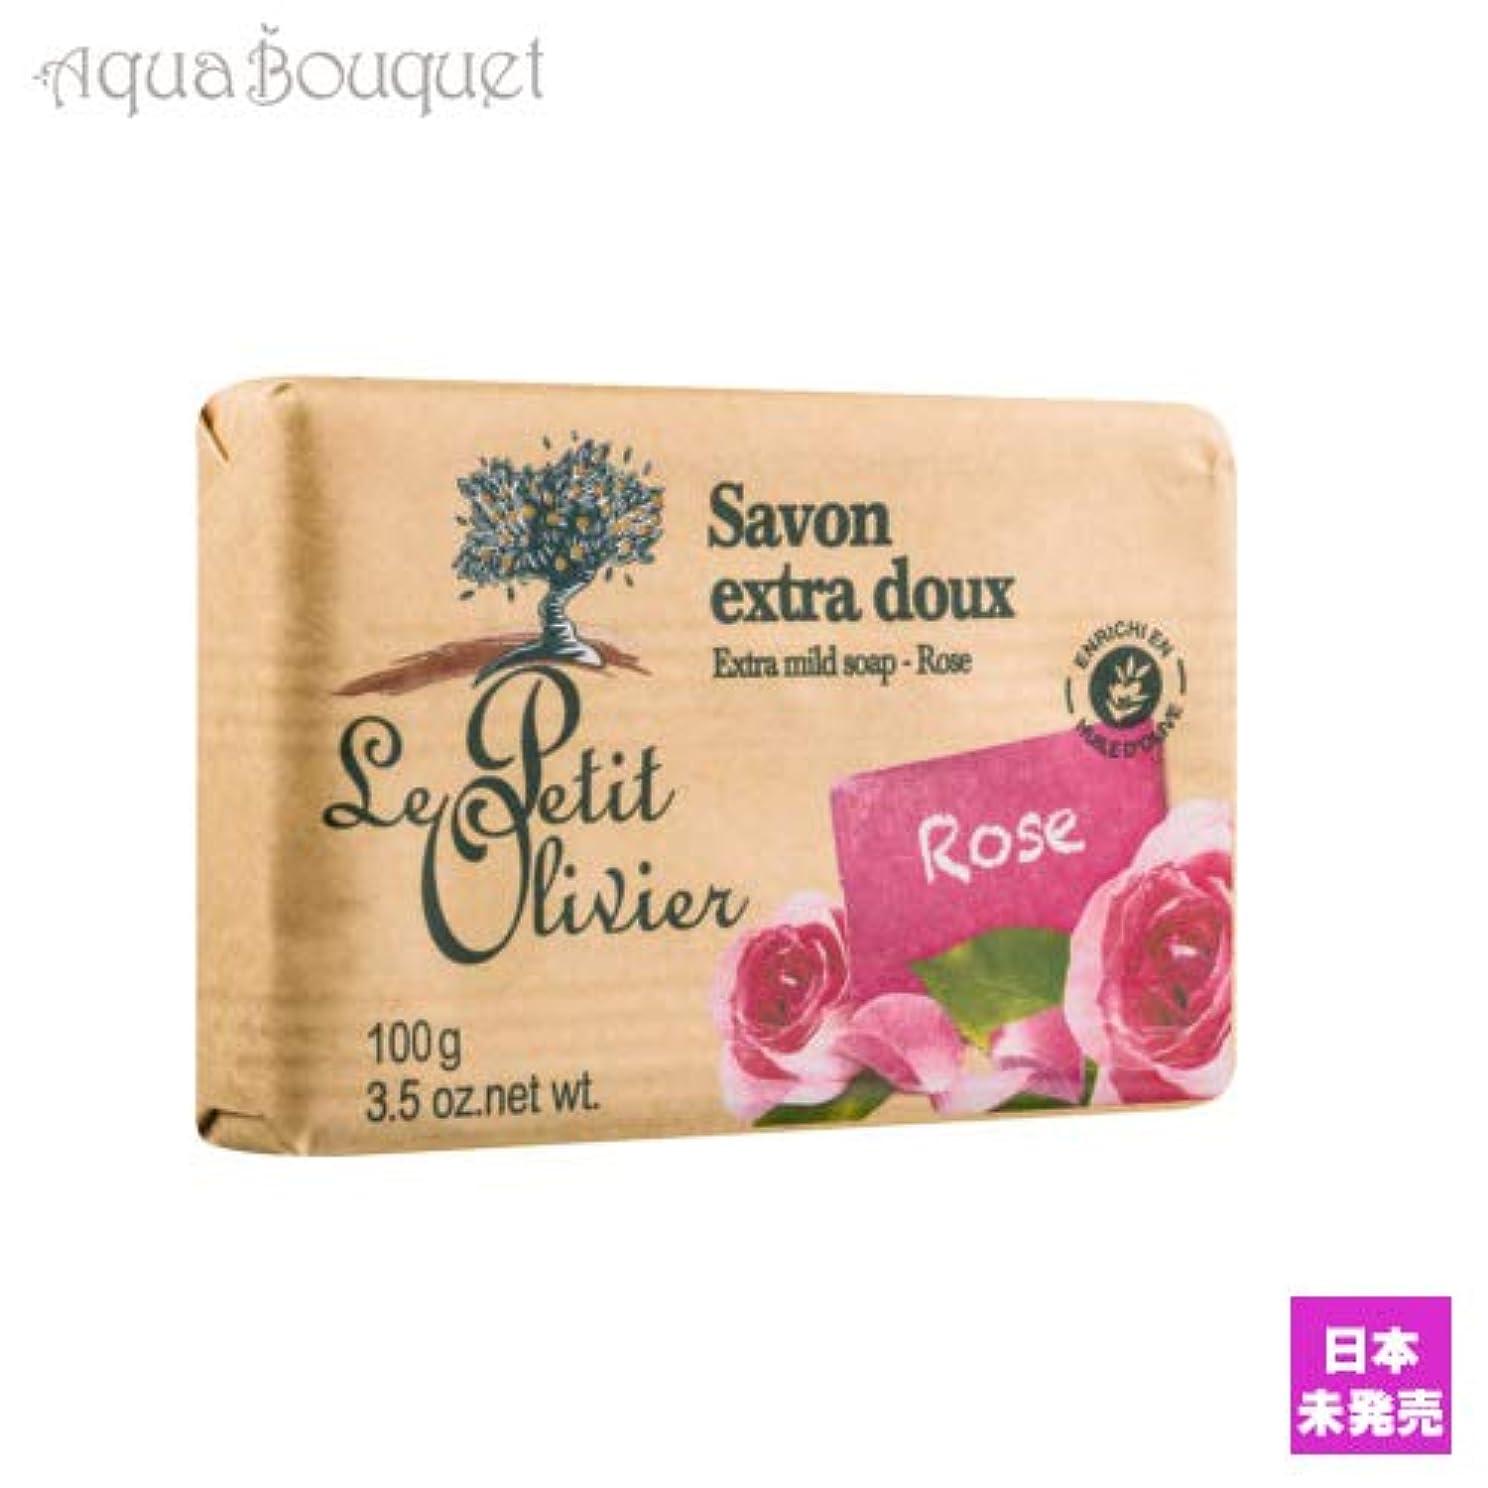 範囲援助する愛するル プティ オリヴィエ ローズ ソープ 100g LE PETIT OLIVIER SOAP ROSE [5318] [並行輸入品]